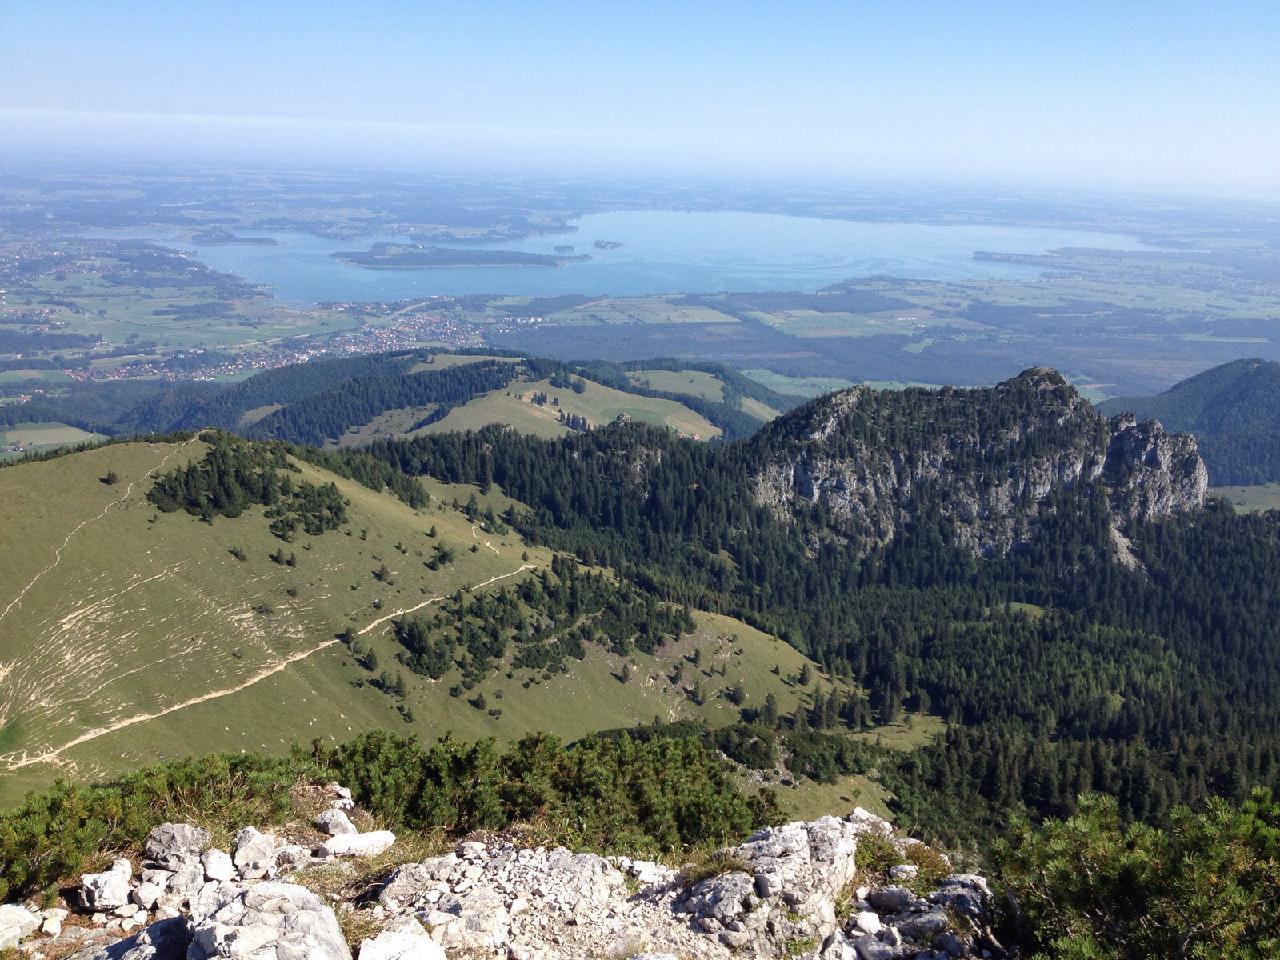 Ferienwohnung Chiemgau-Chiemsee Bayrische Alpen (469319), Siegsdorf, Chiemgau, Bayern, Deutschland, Bild 29